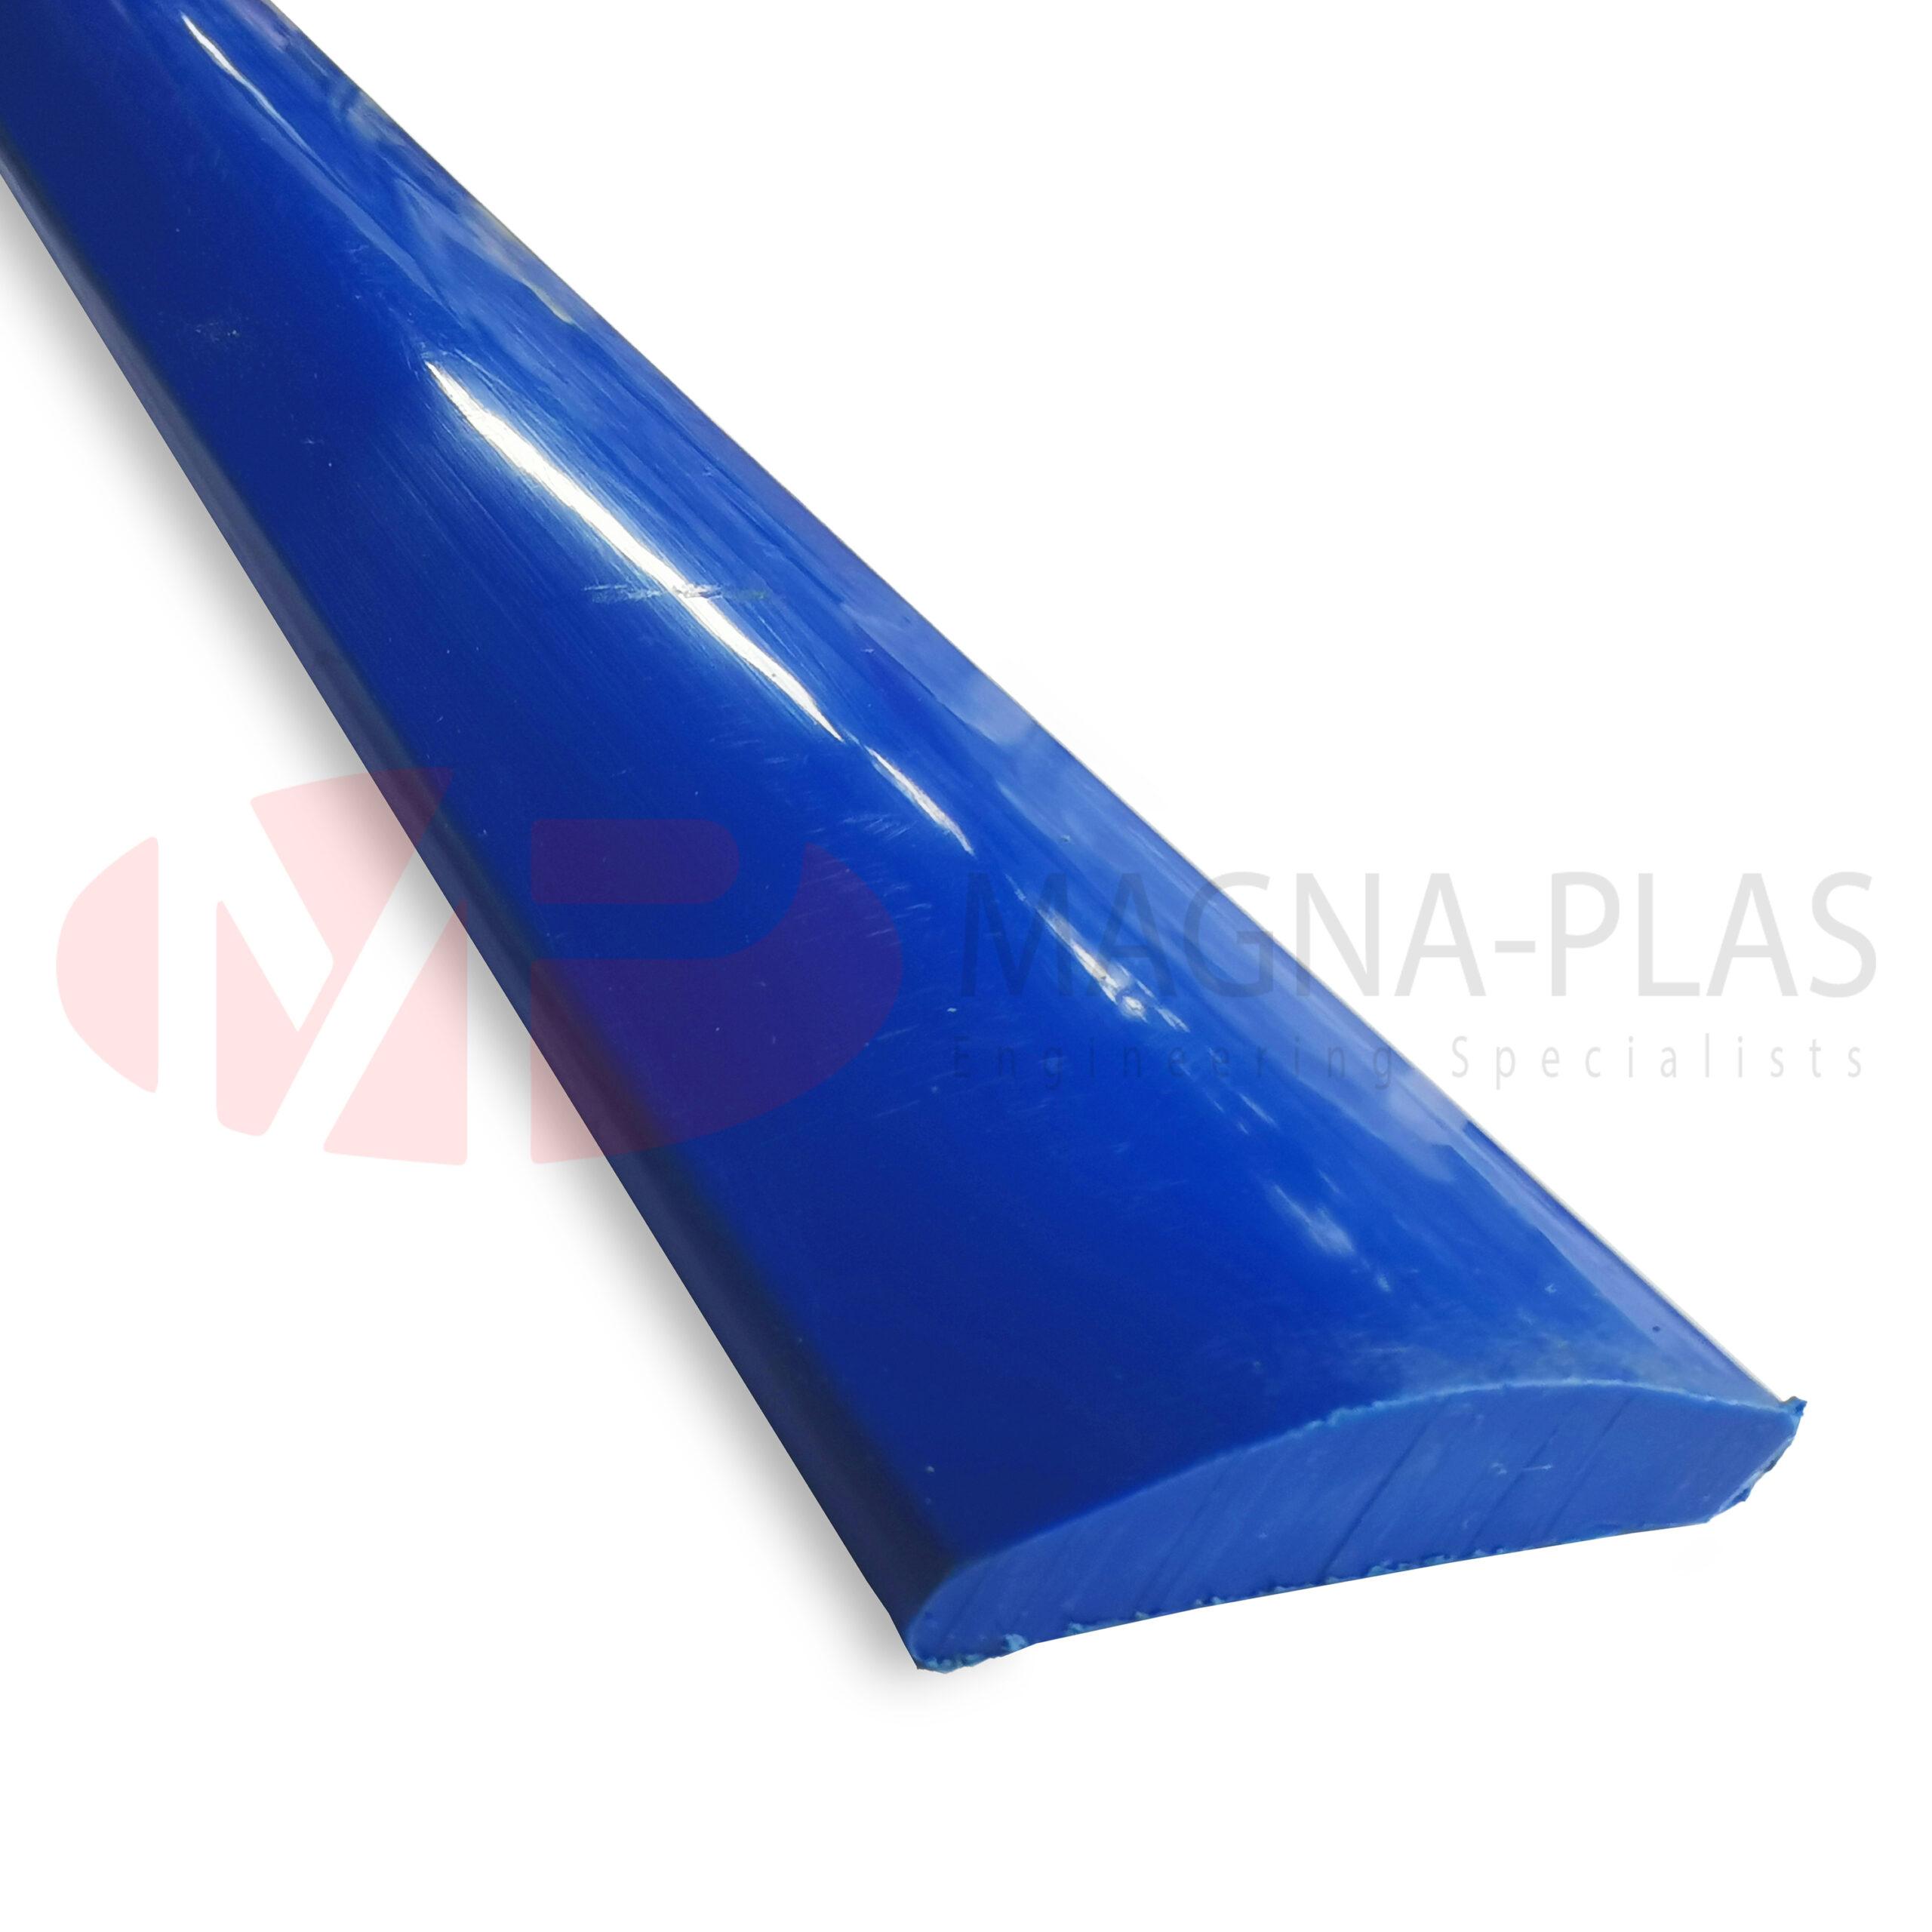 Boat Trailer Blue Skid